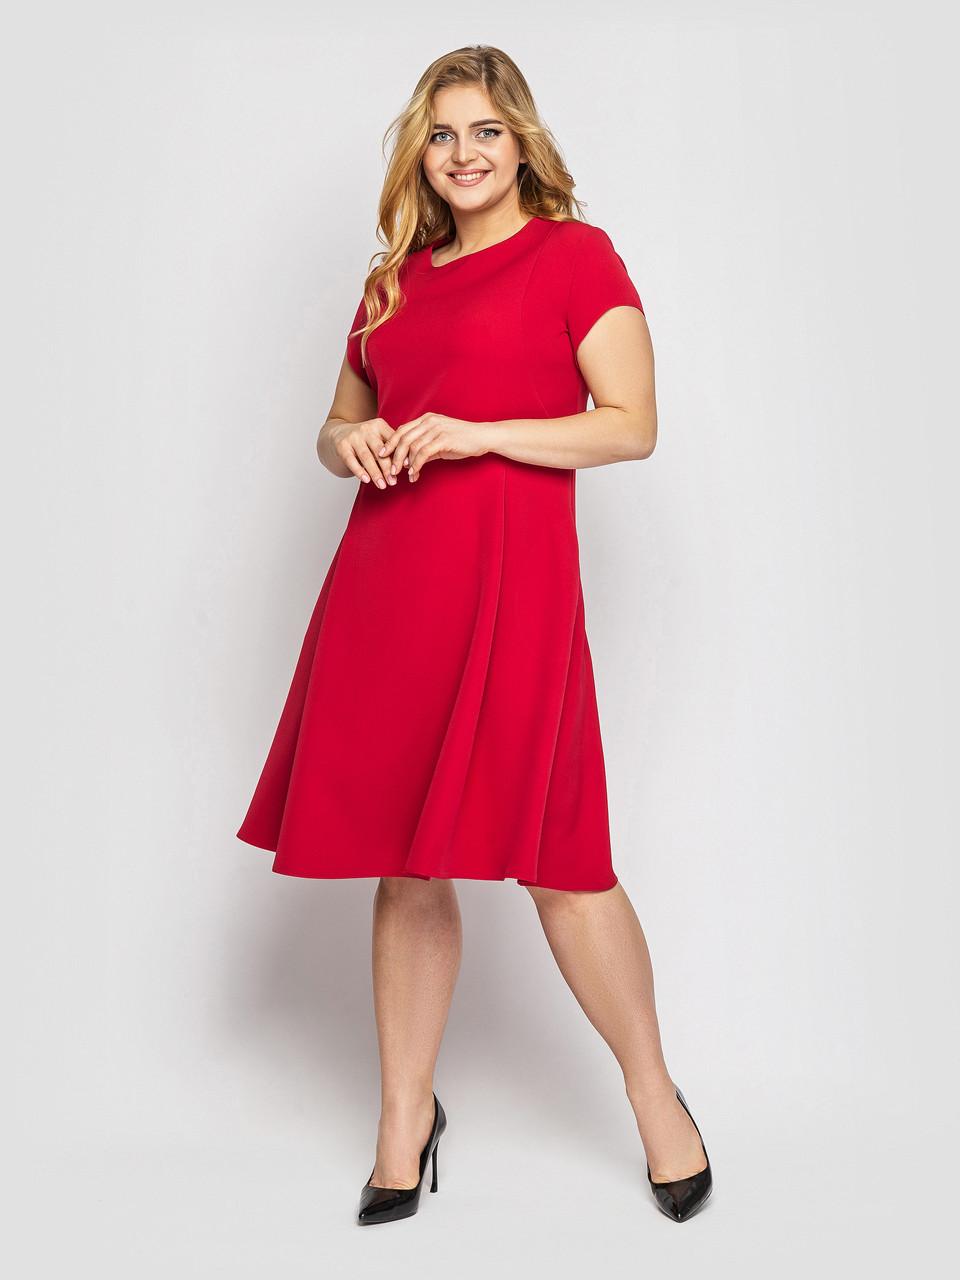 Красиве батальне червоне плаття з кишенями 48,50,52,54,56,58 розмір